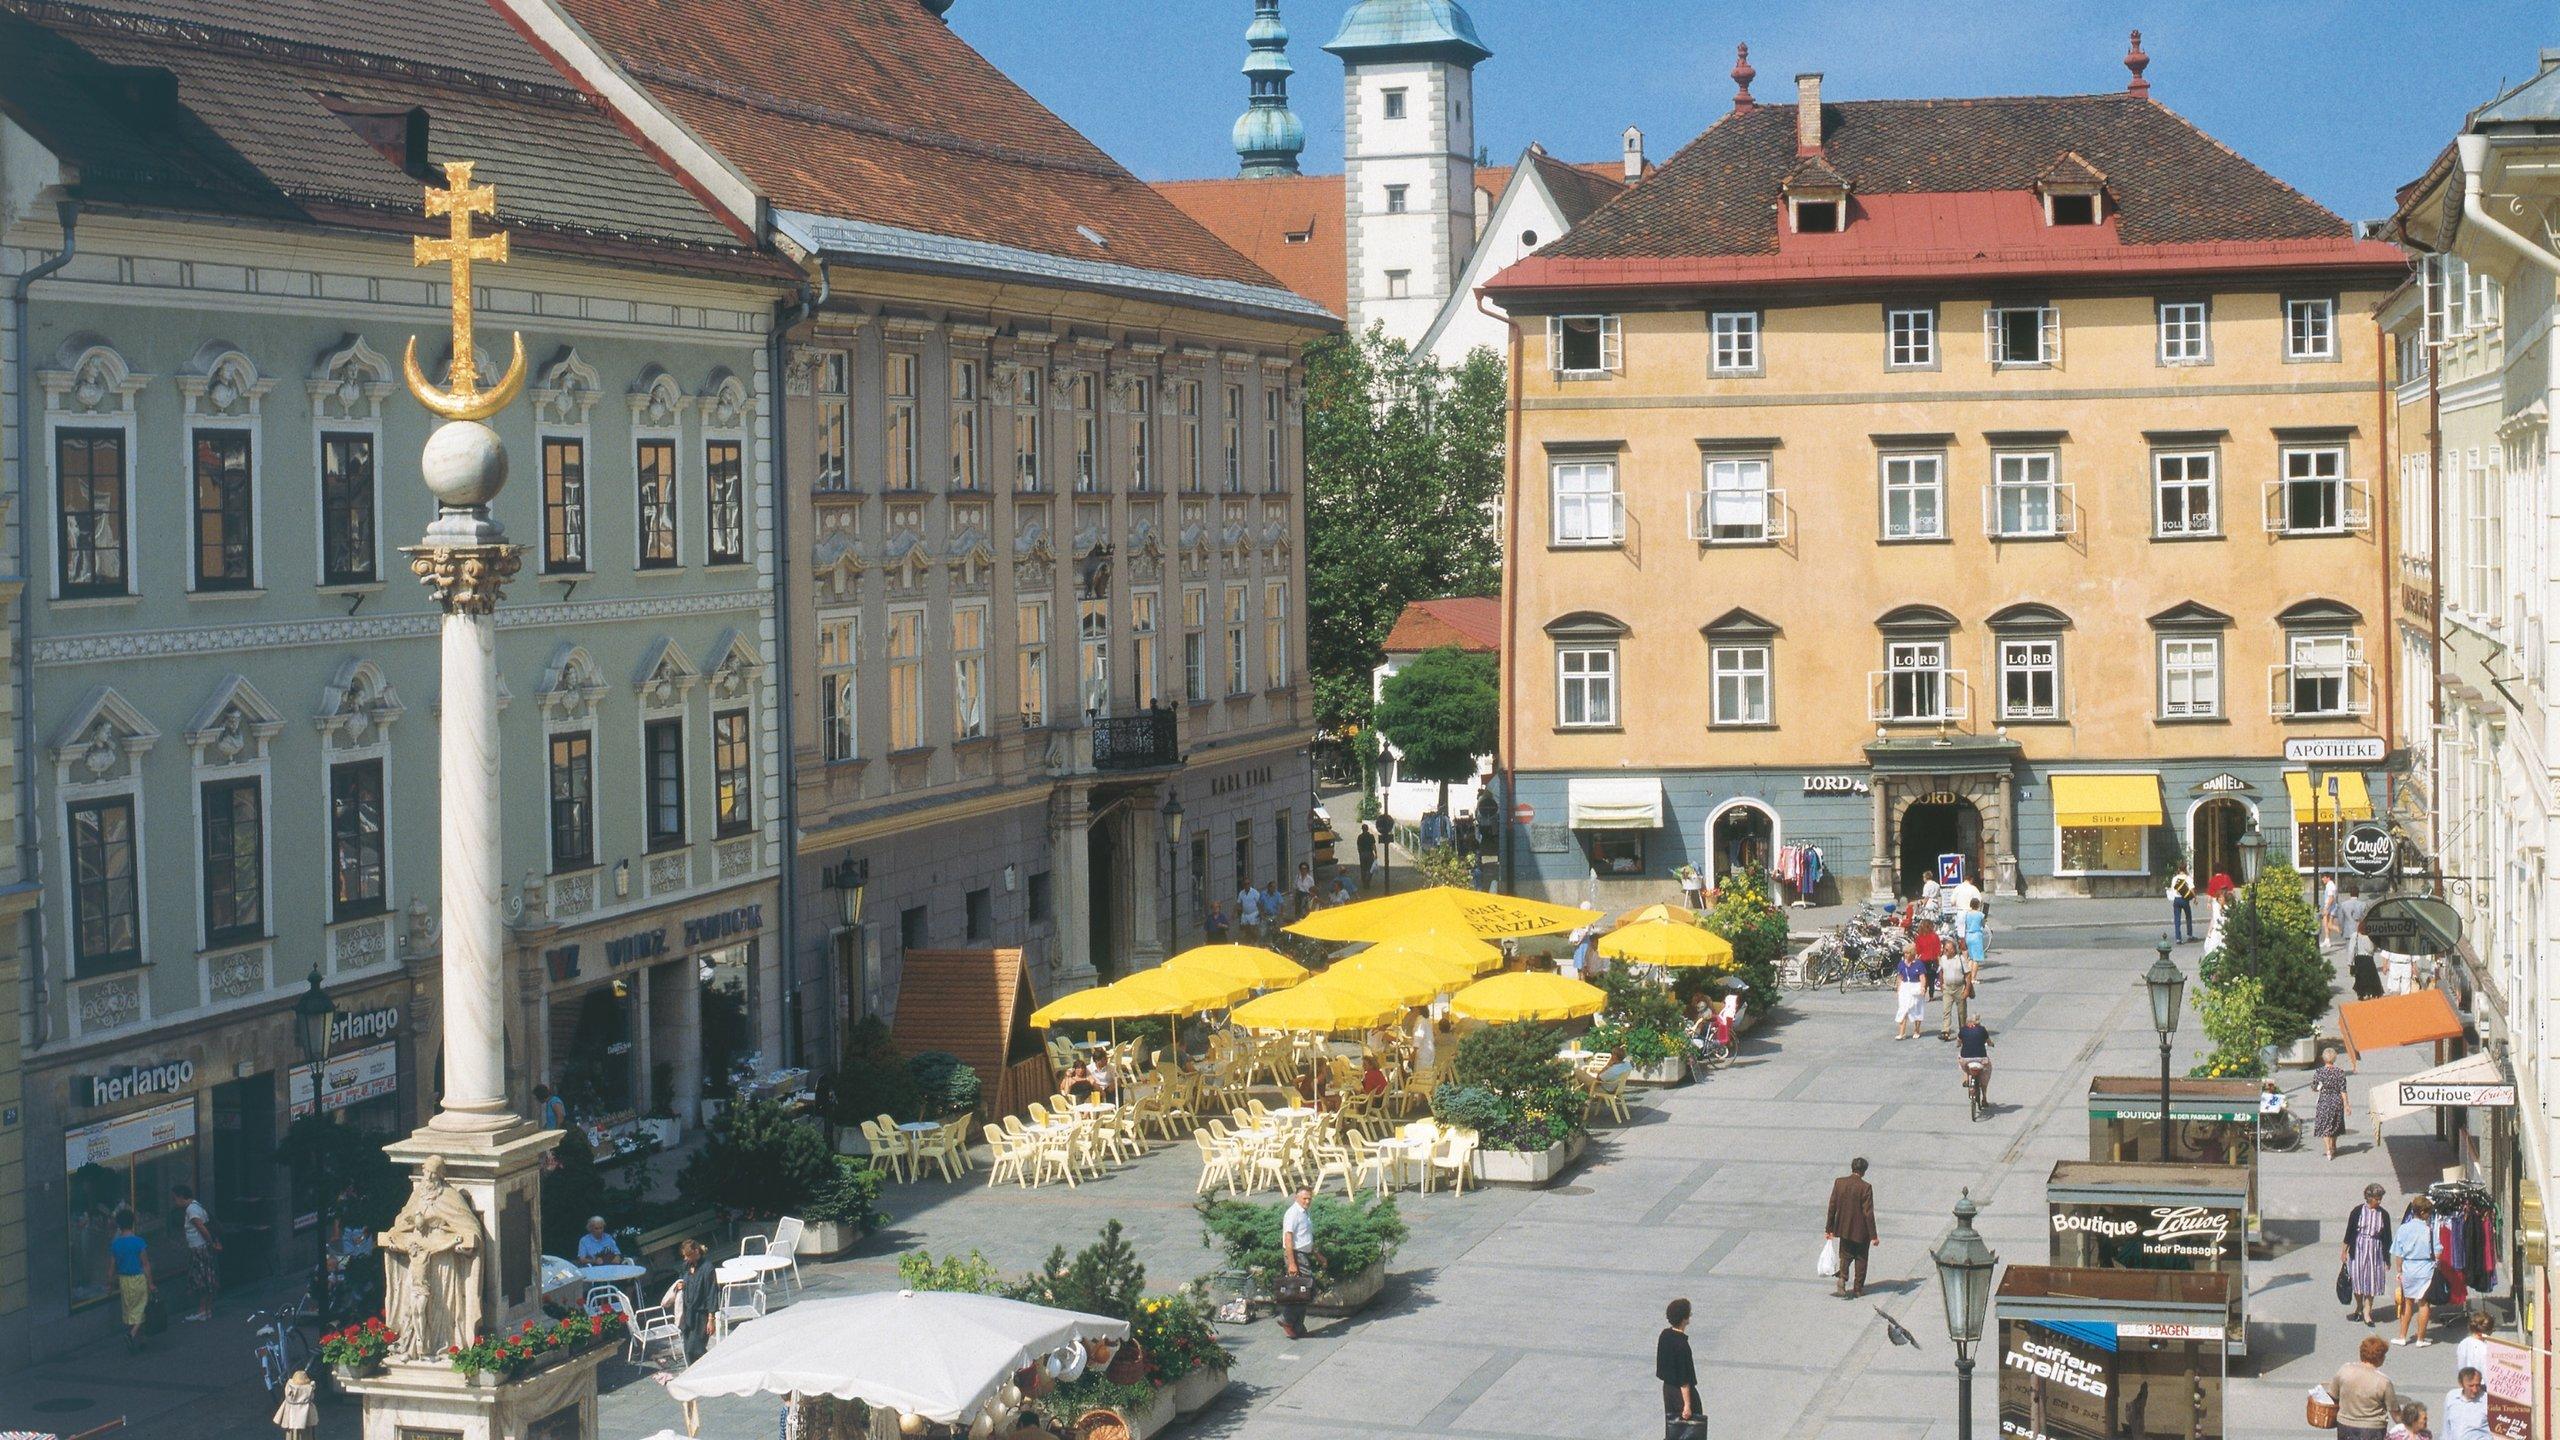 история картинки клагенфурт австрия достопримечательности фото второй